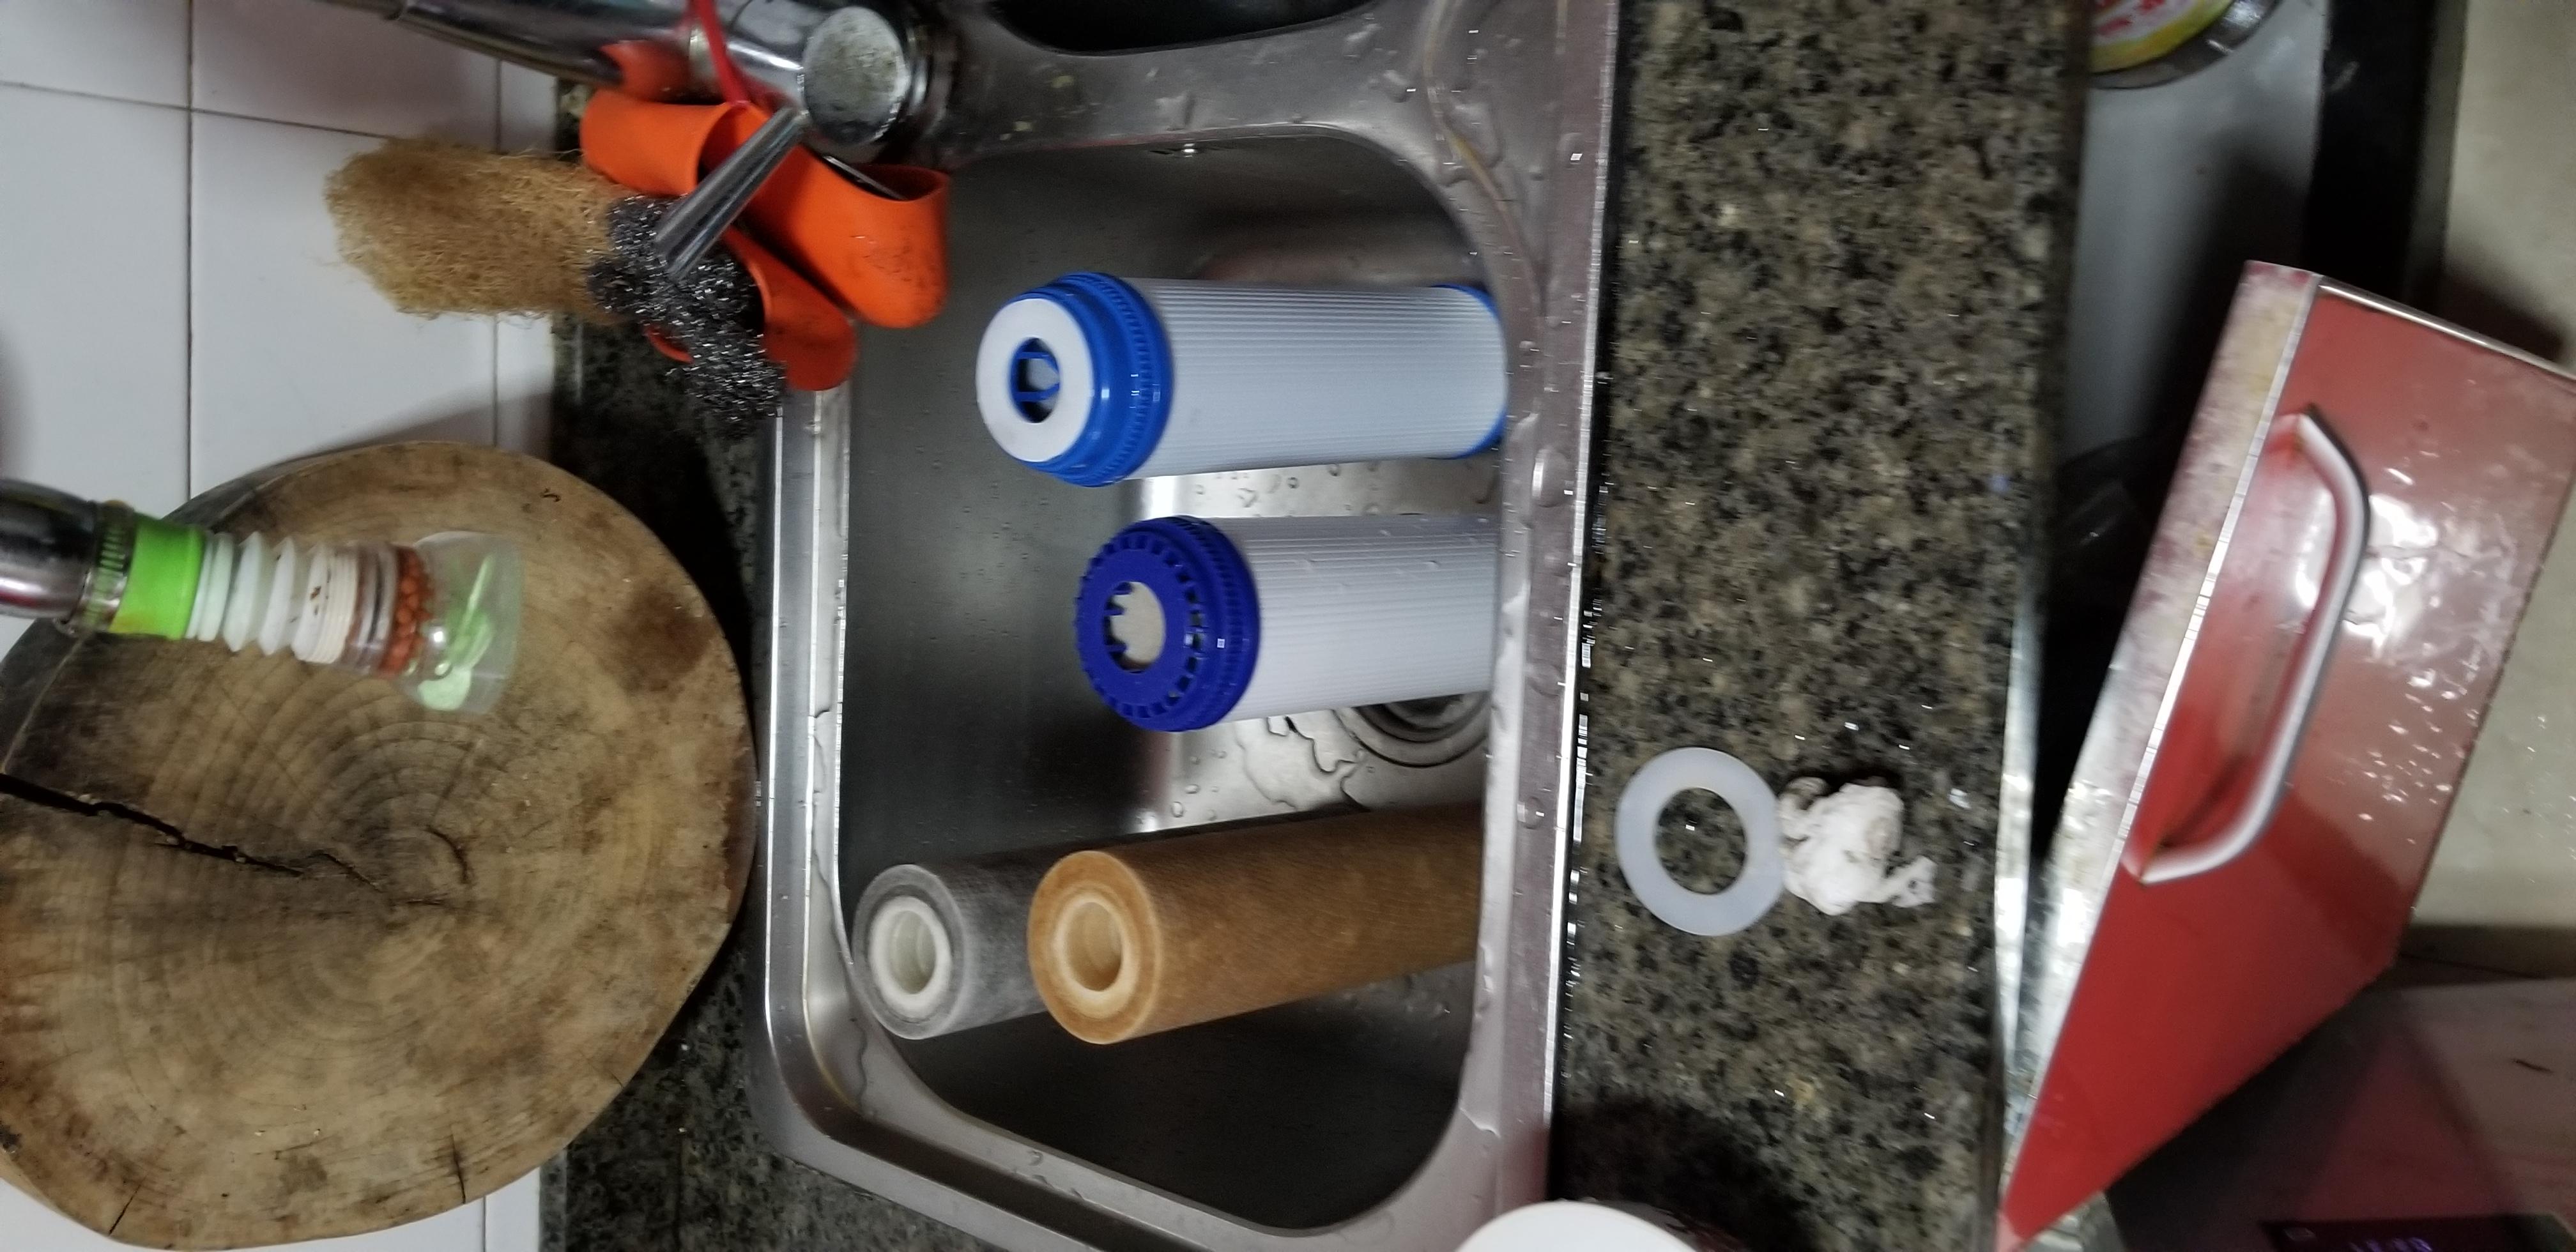 凯弗隆售后-重庆凯弗隆净水器售后服务一直在你身边